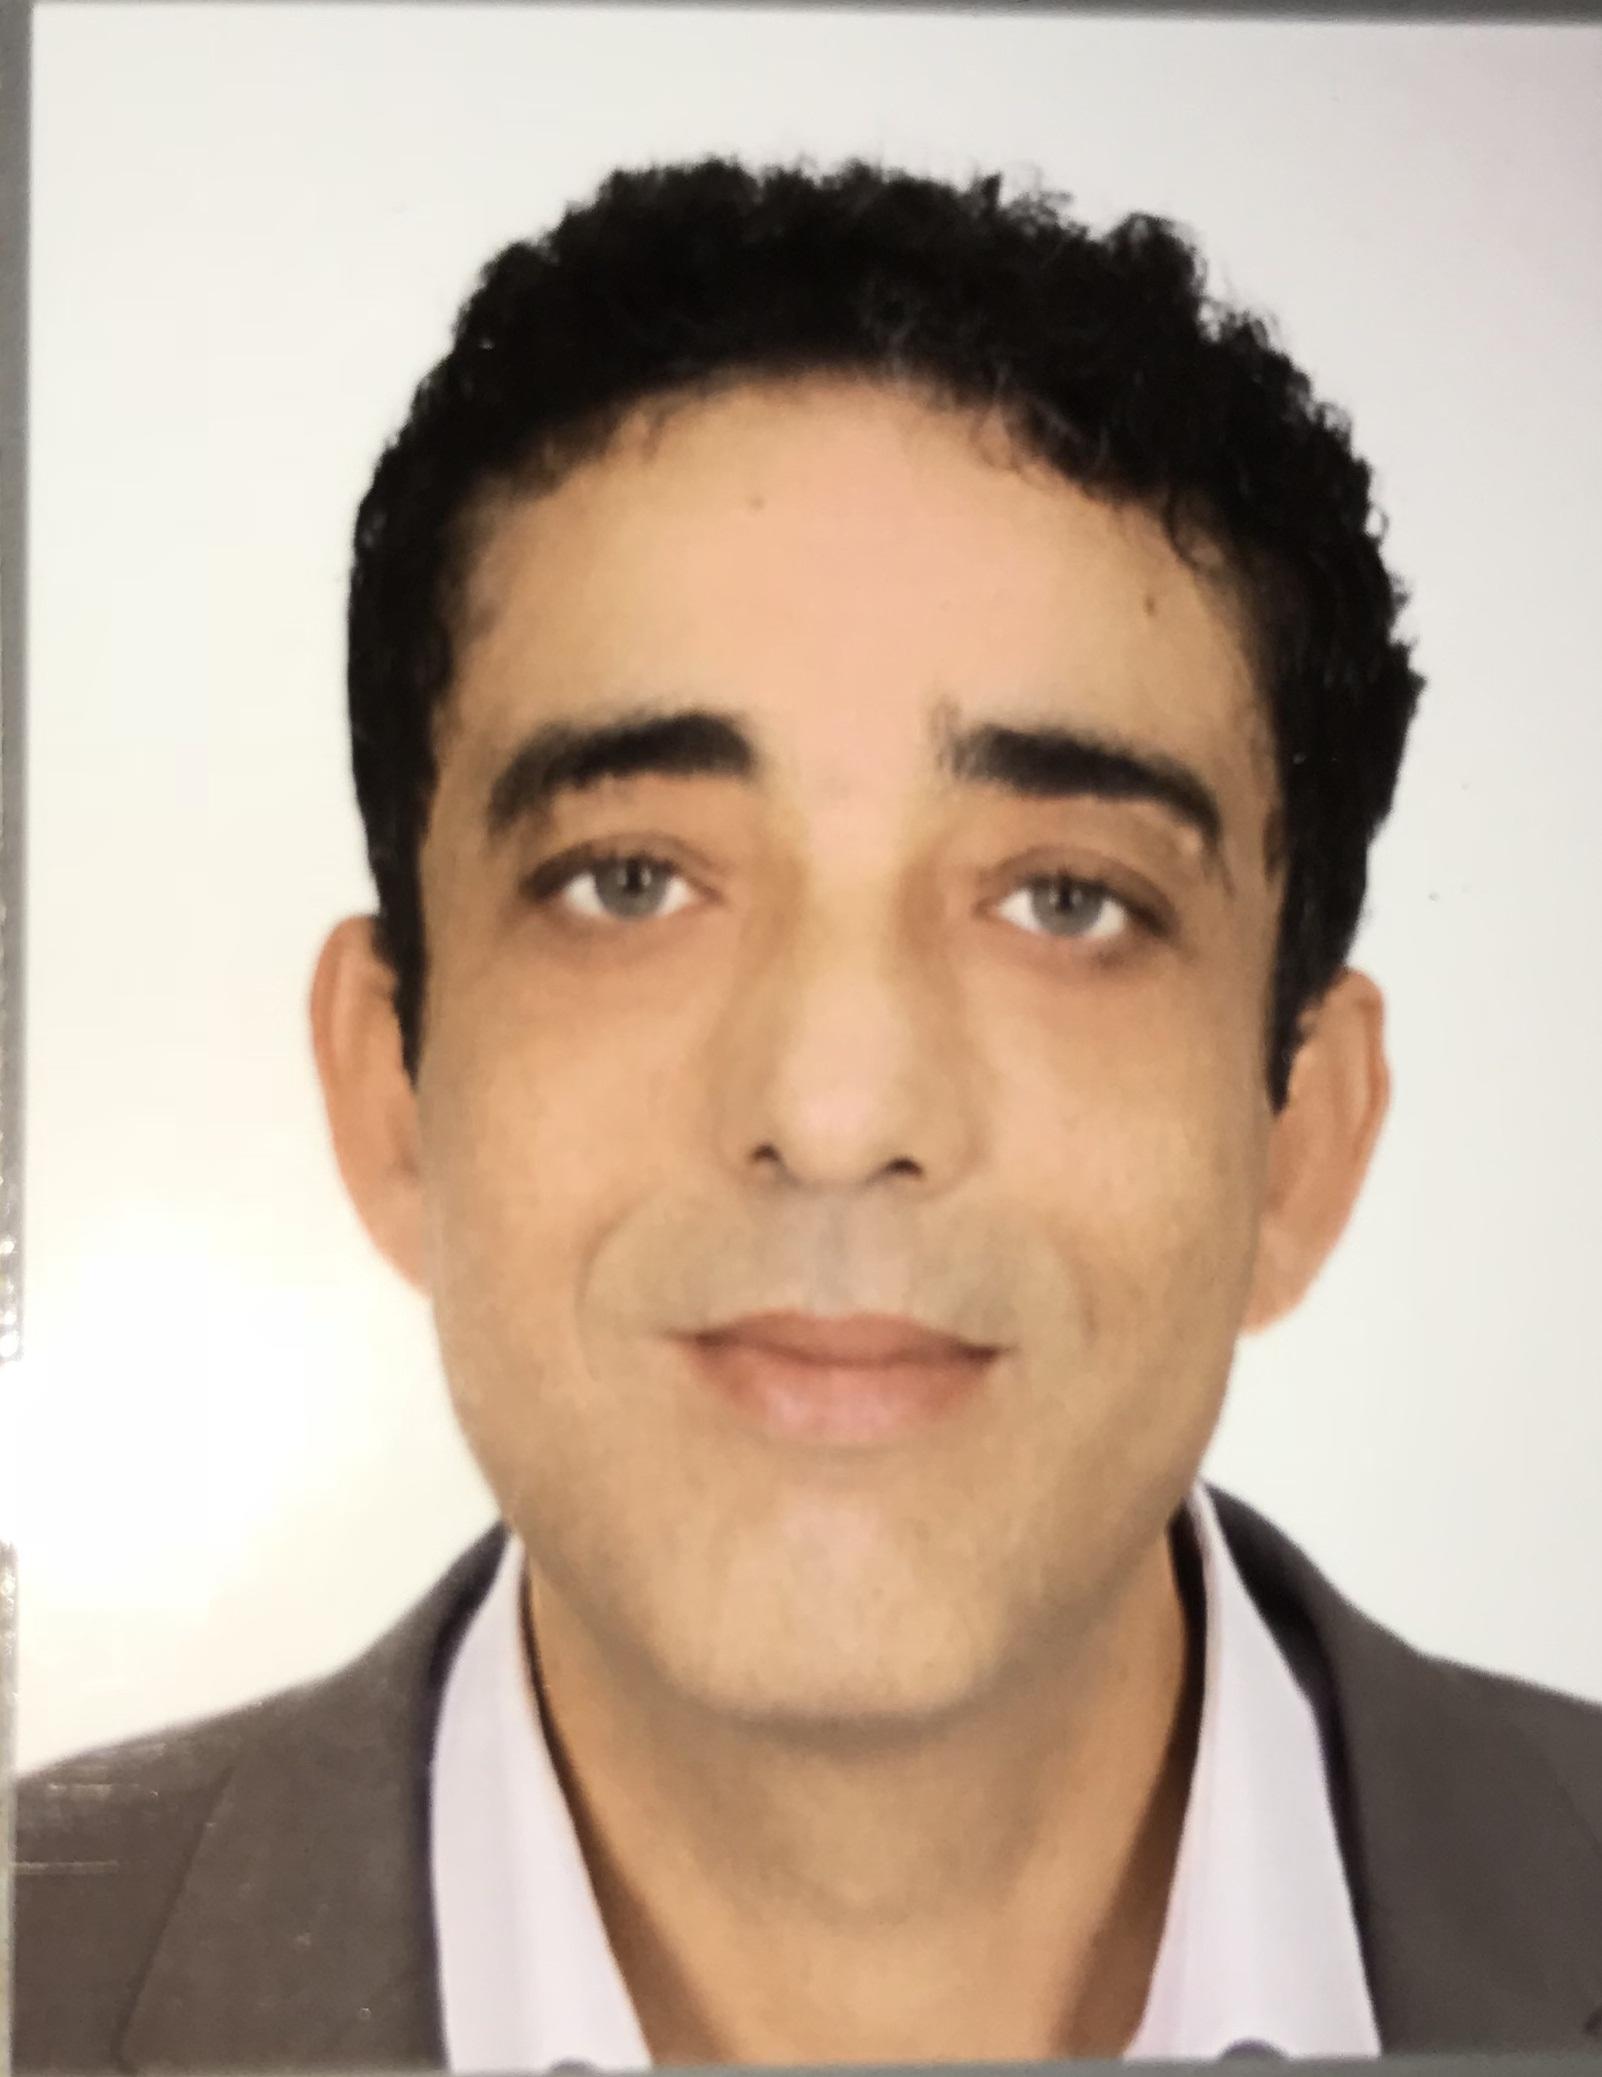 Dr. Maher Abdelghani